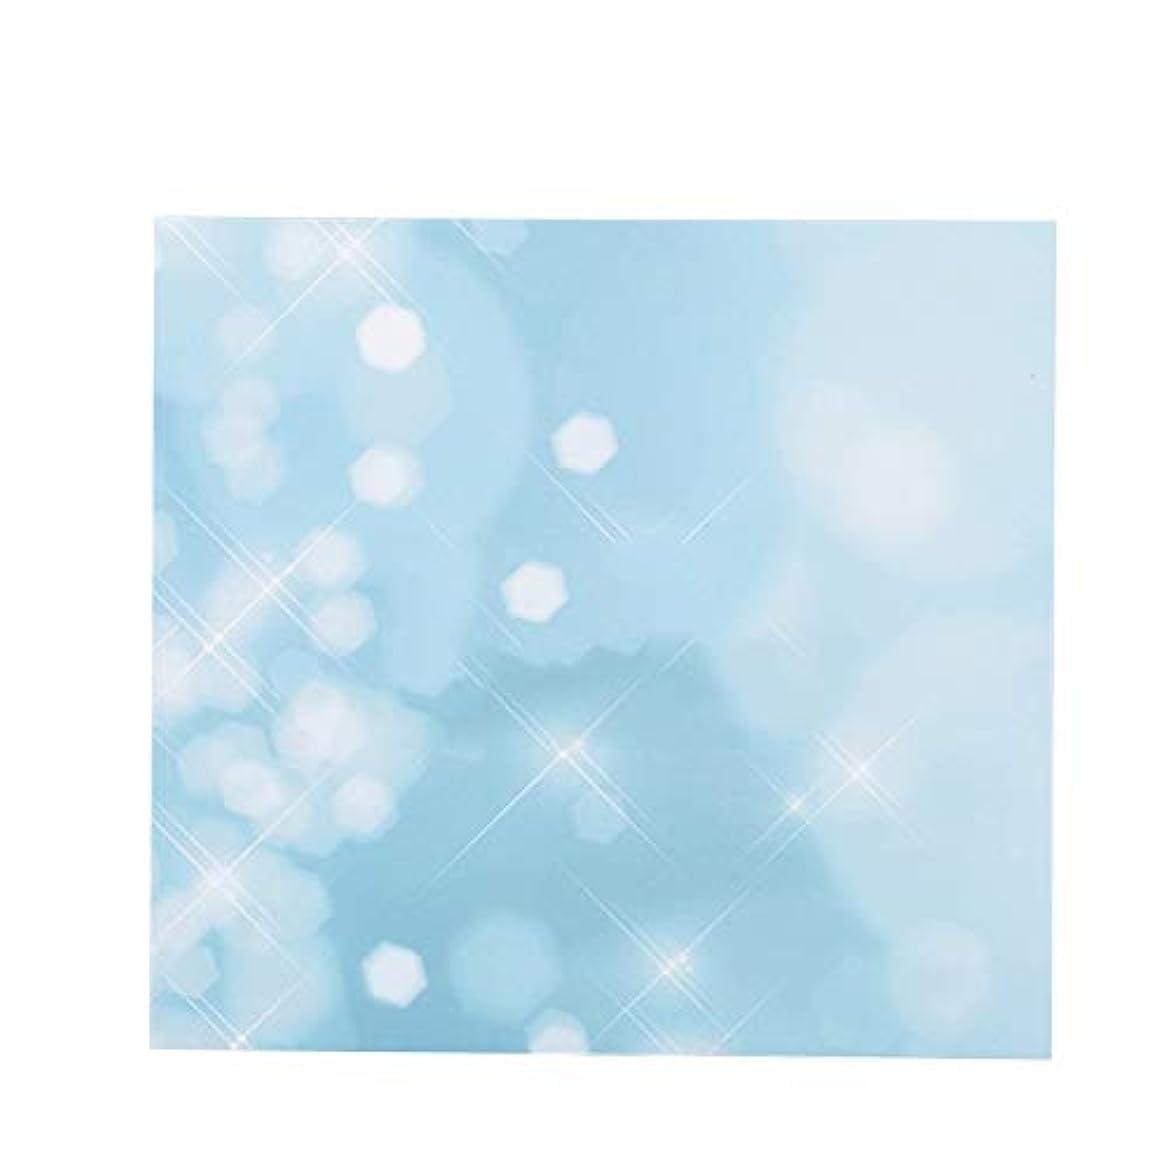 決定的暴動粒子25カラーマット&グリッターアイシャドウコンパクトパレットアイ顔料顔料化粧品用日常職業パーティーメイク